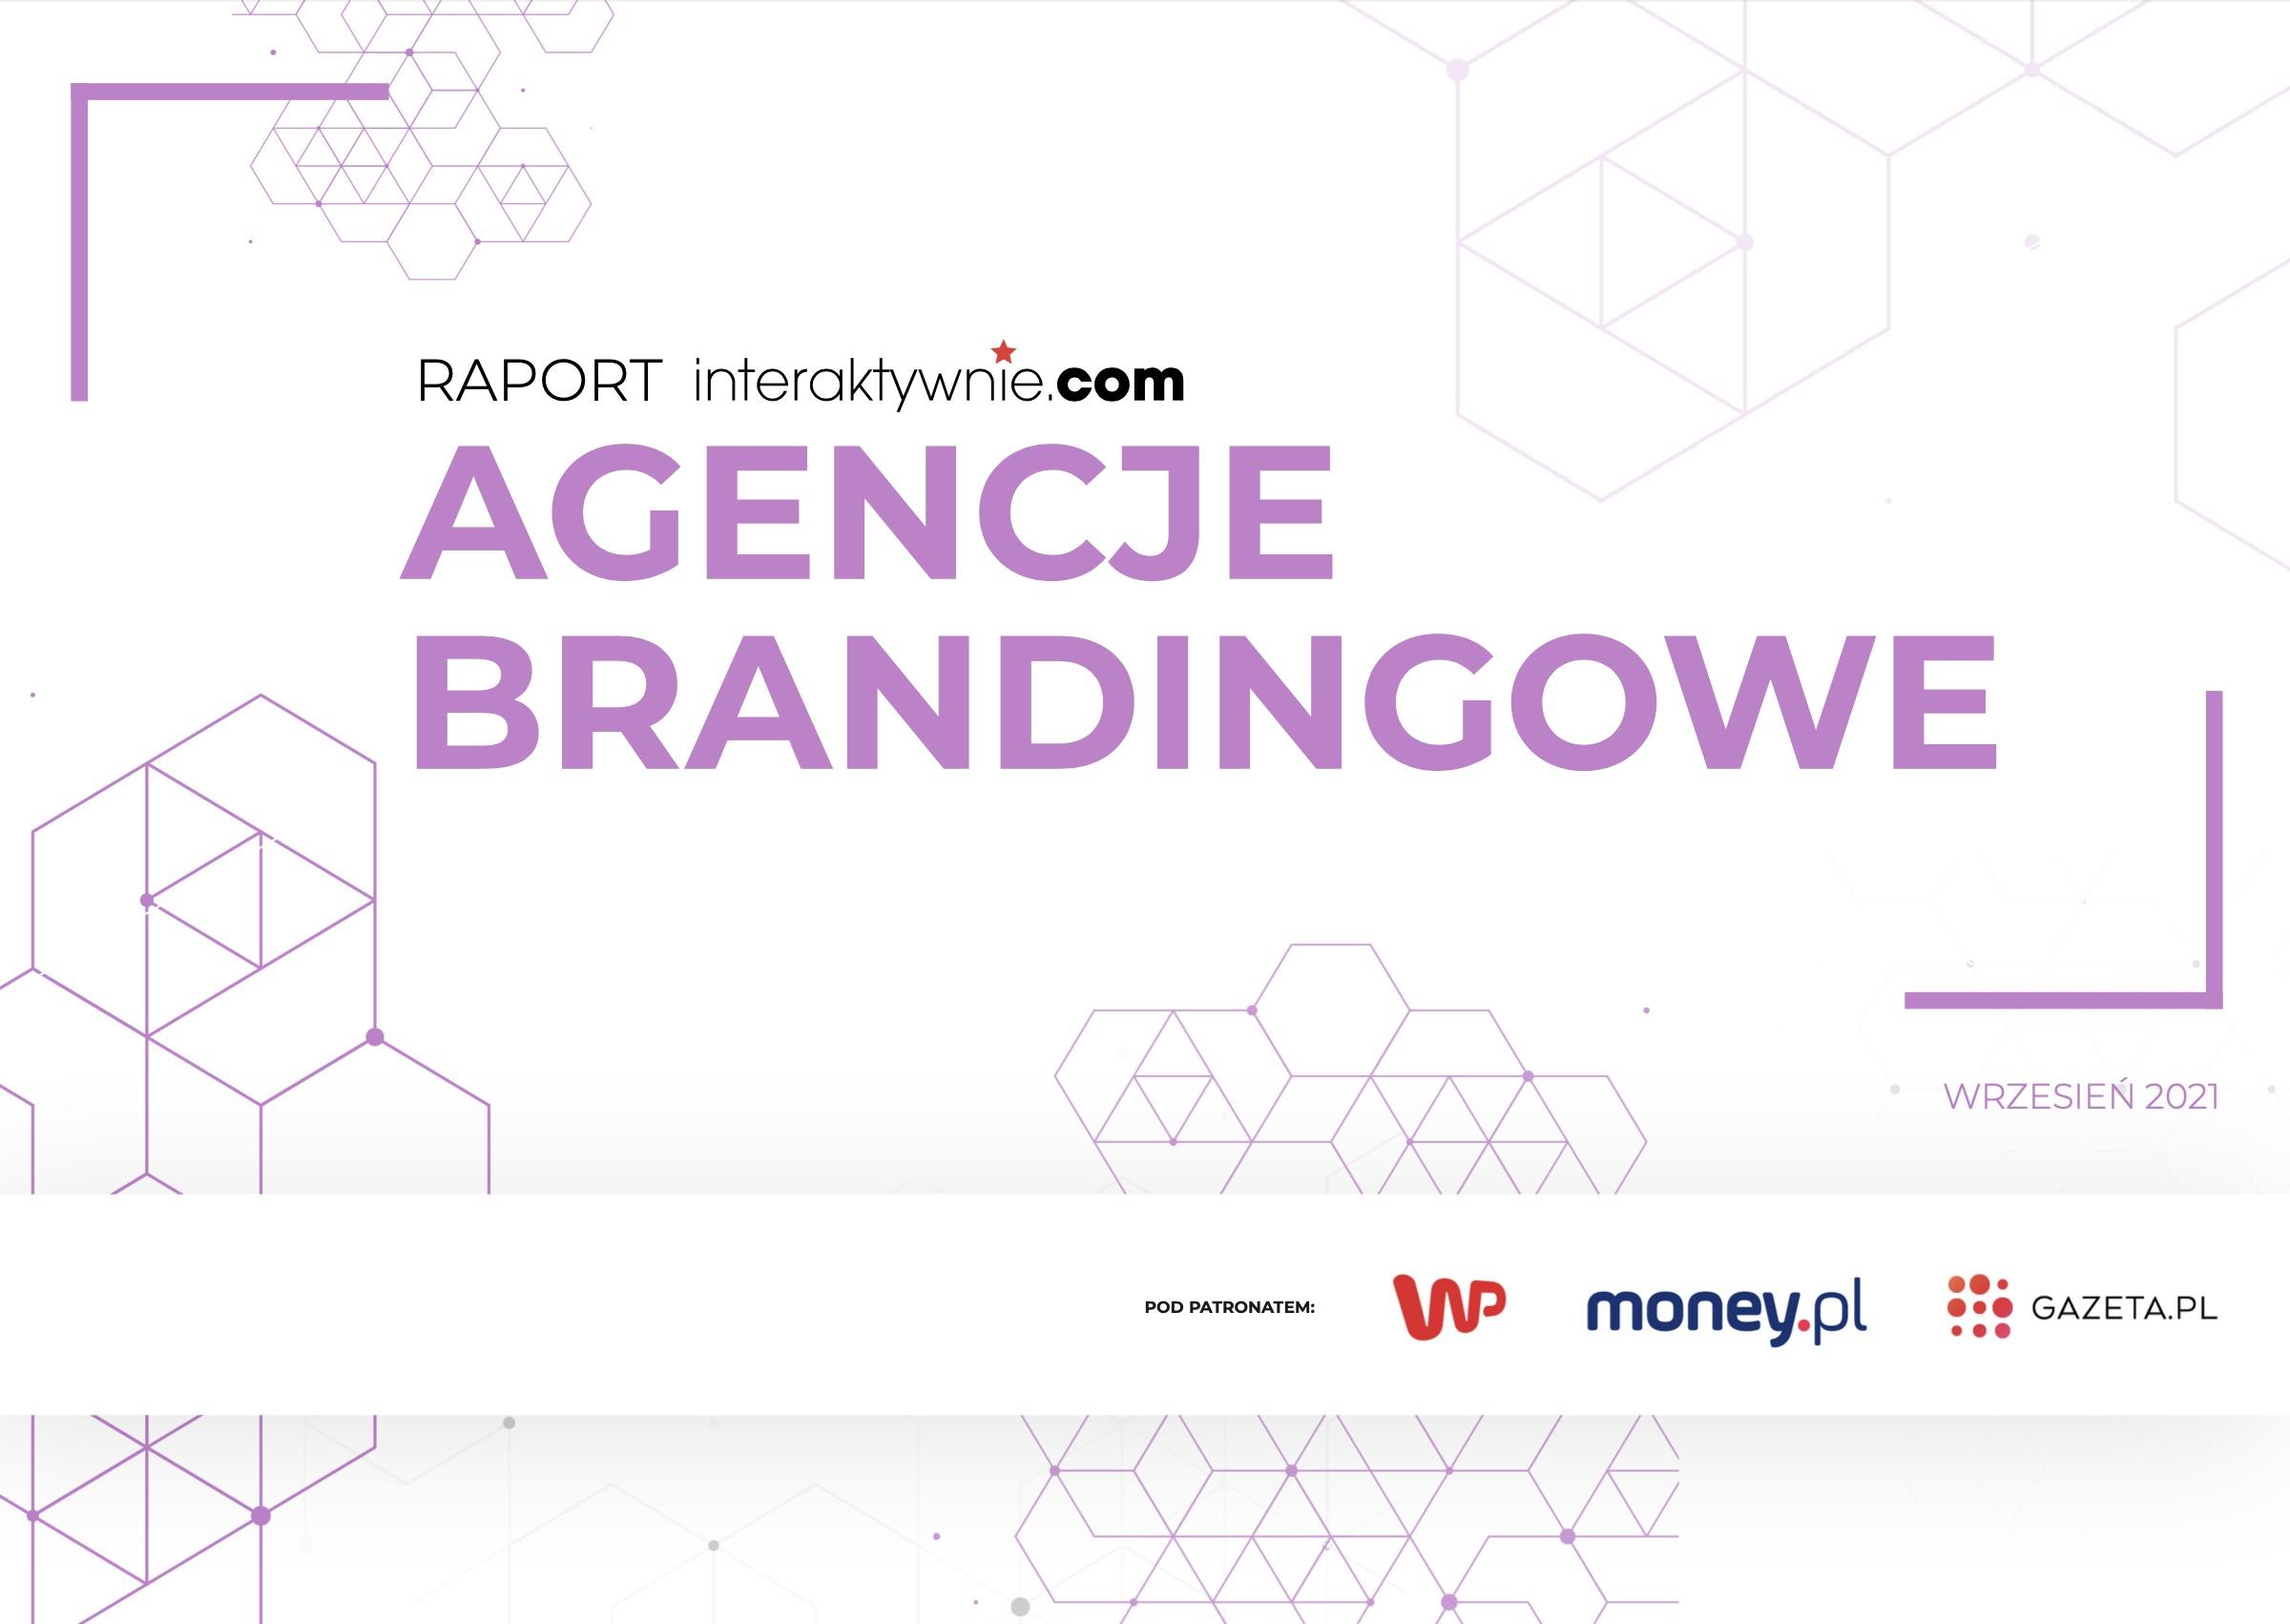 Agencje brandingowe - ranking trendów